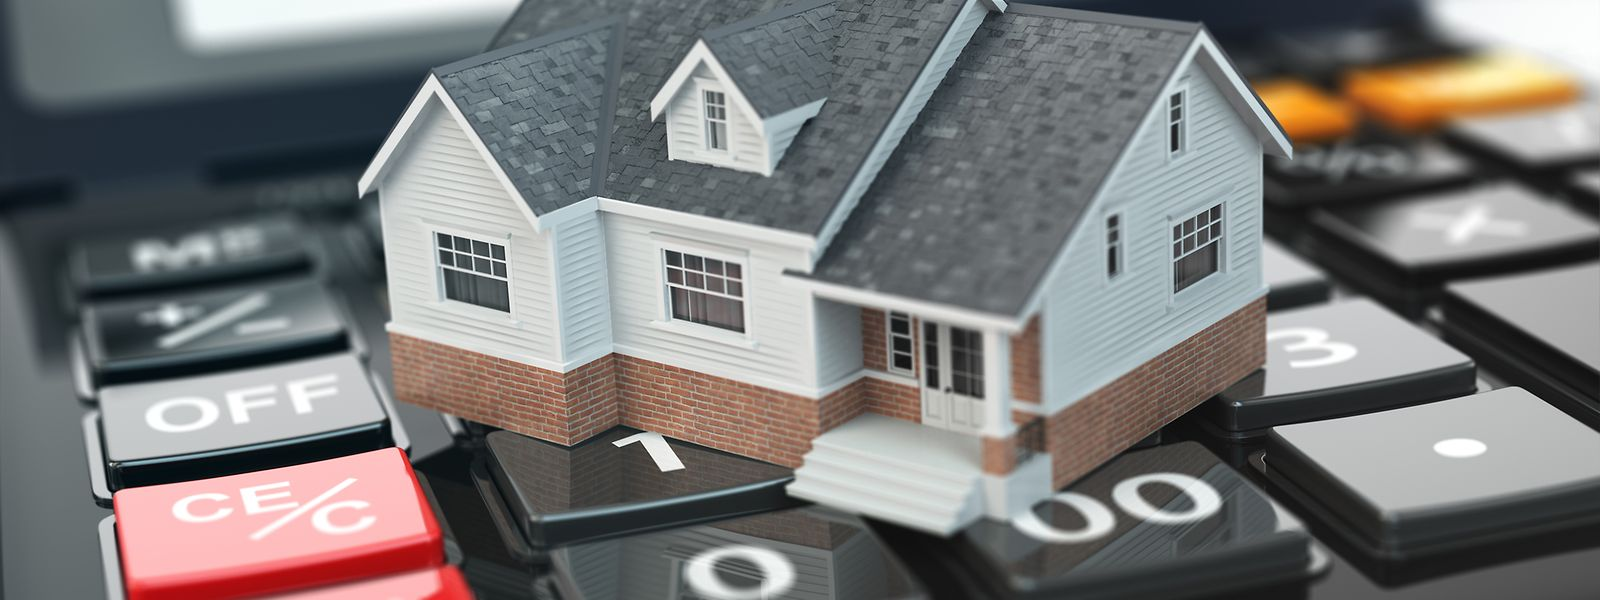 Même si le recours à l'emprunt est tentant, les prêteurs devront se montrer plus rigoureux.